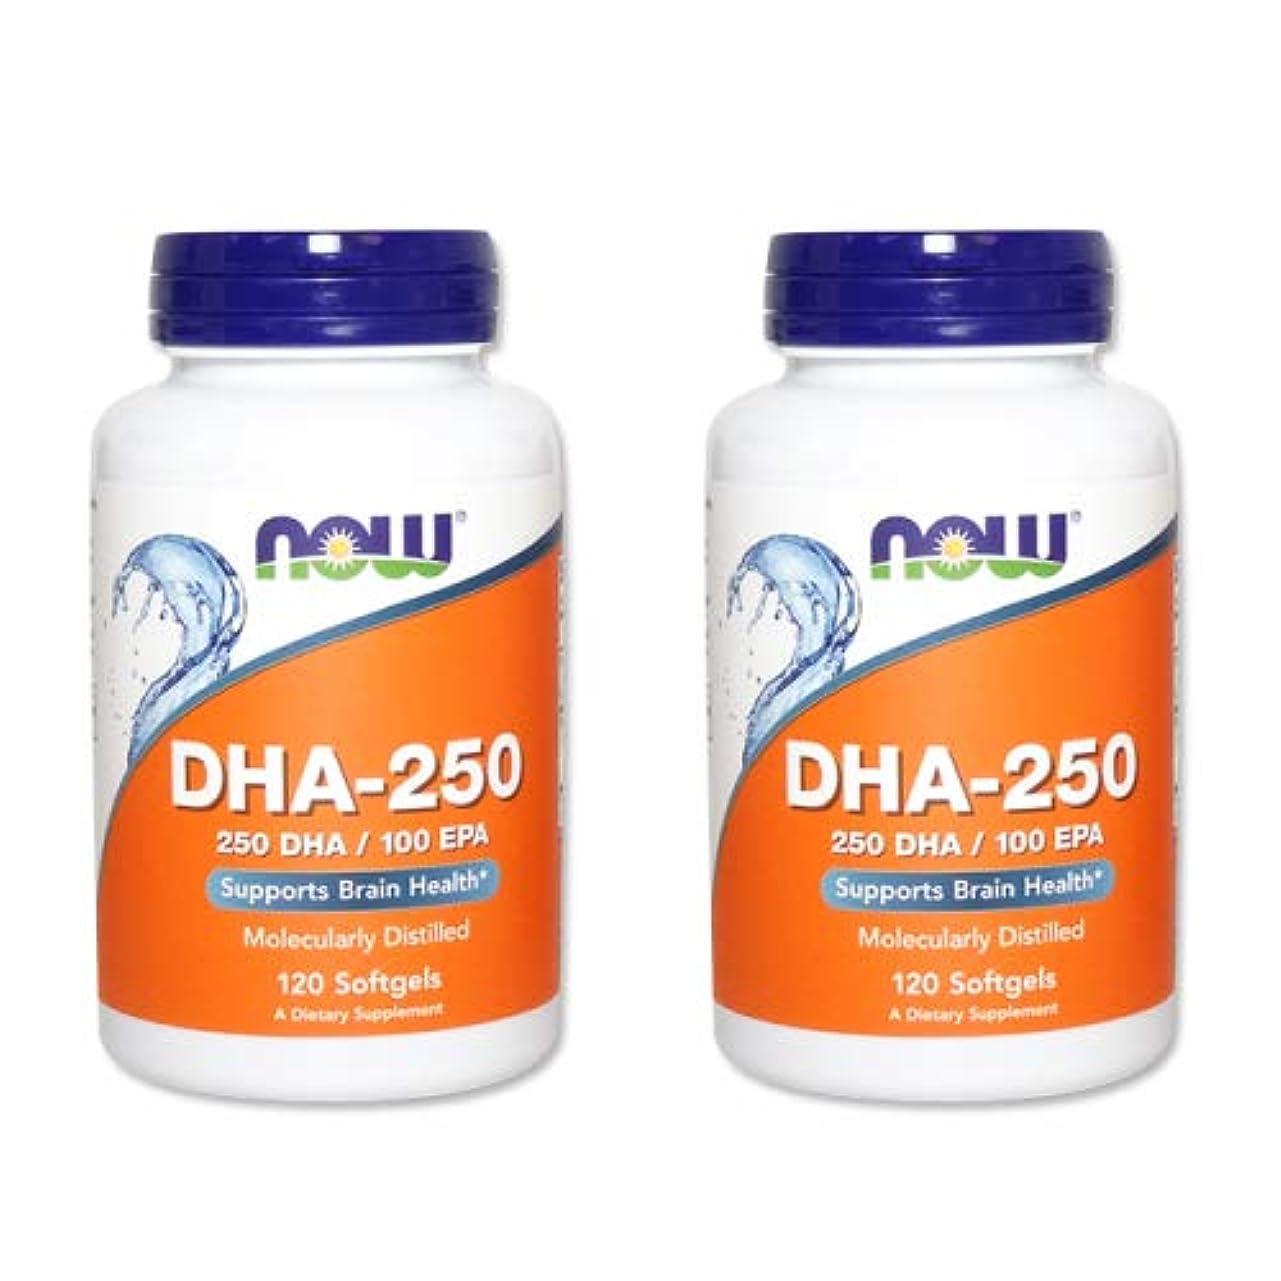 器官用心する半島【2個セット】【粒小さめ低含有タイプ】DHA-250 120粒(DHA&EPA配合) [海外直送品]